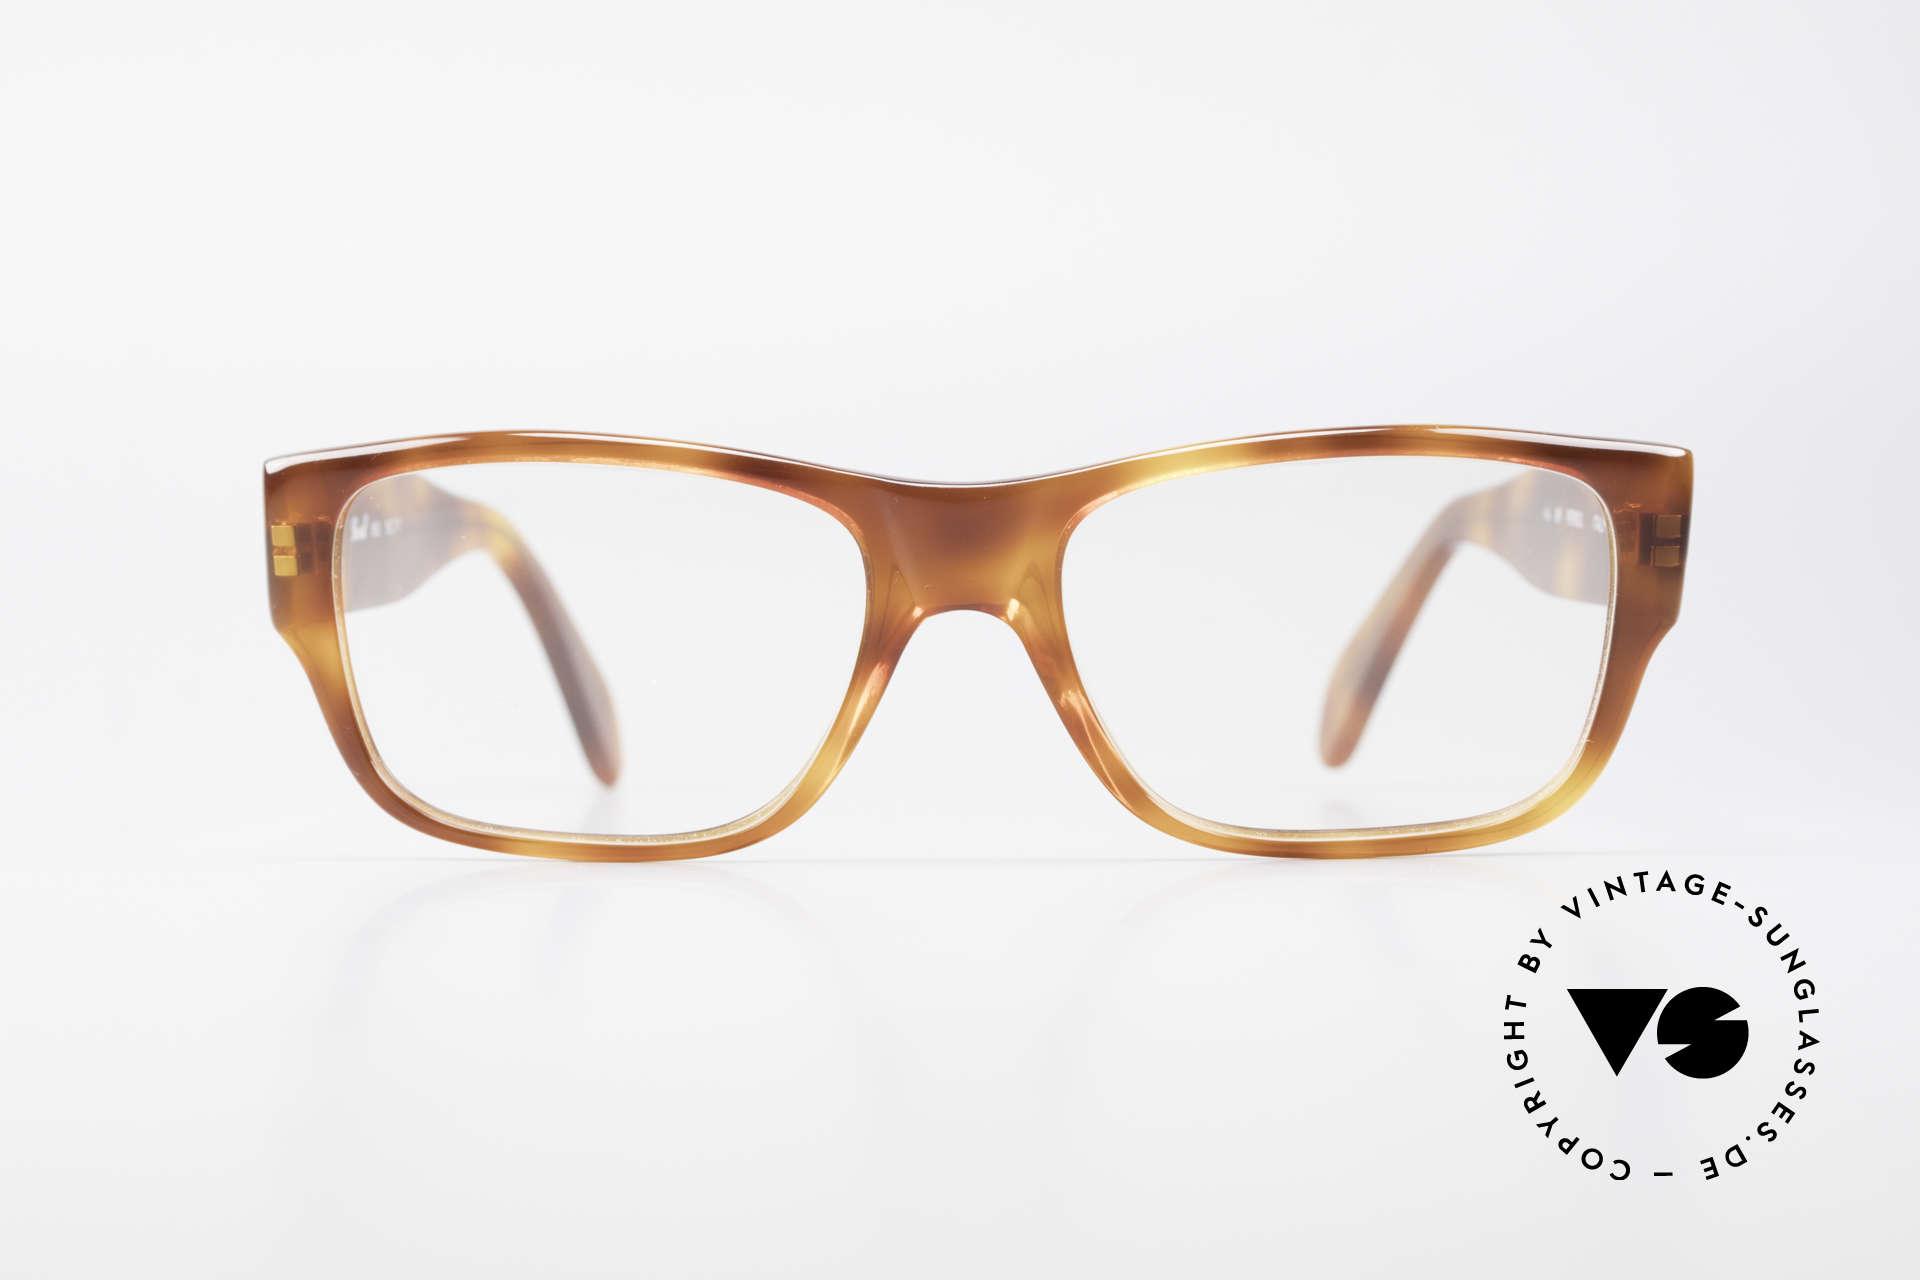 Persol 855 Markante Herren Vintage Brille, klassische Brillenform in einem zeitlosen Design, Passend für Herren